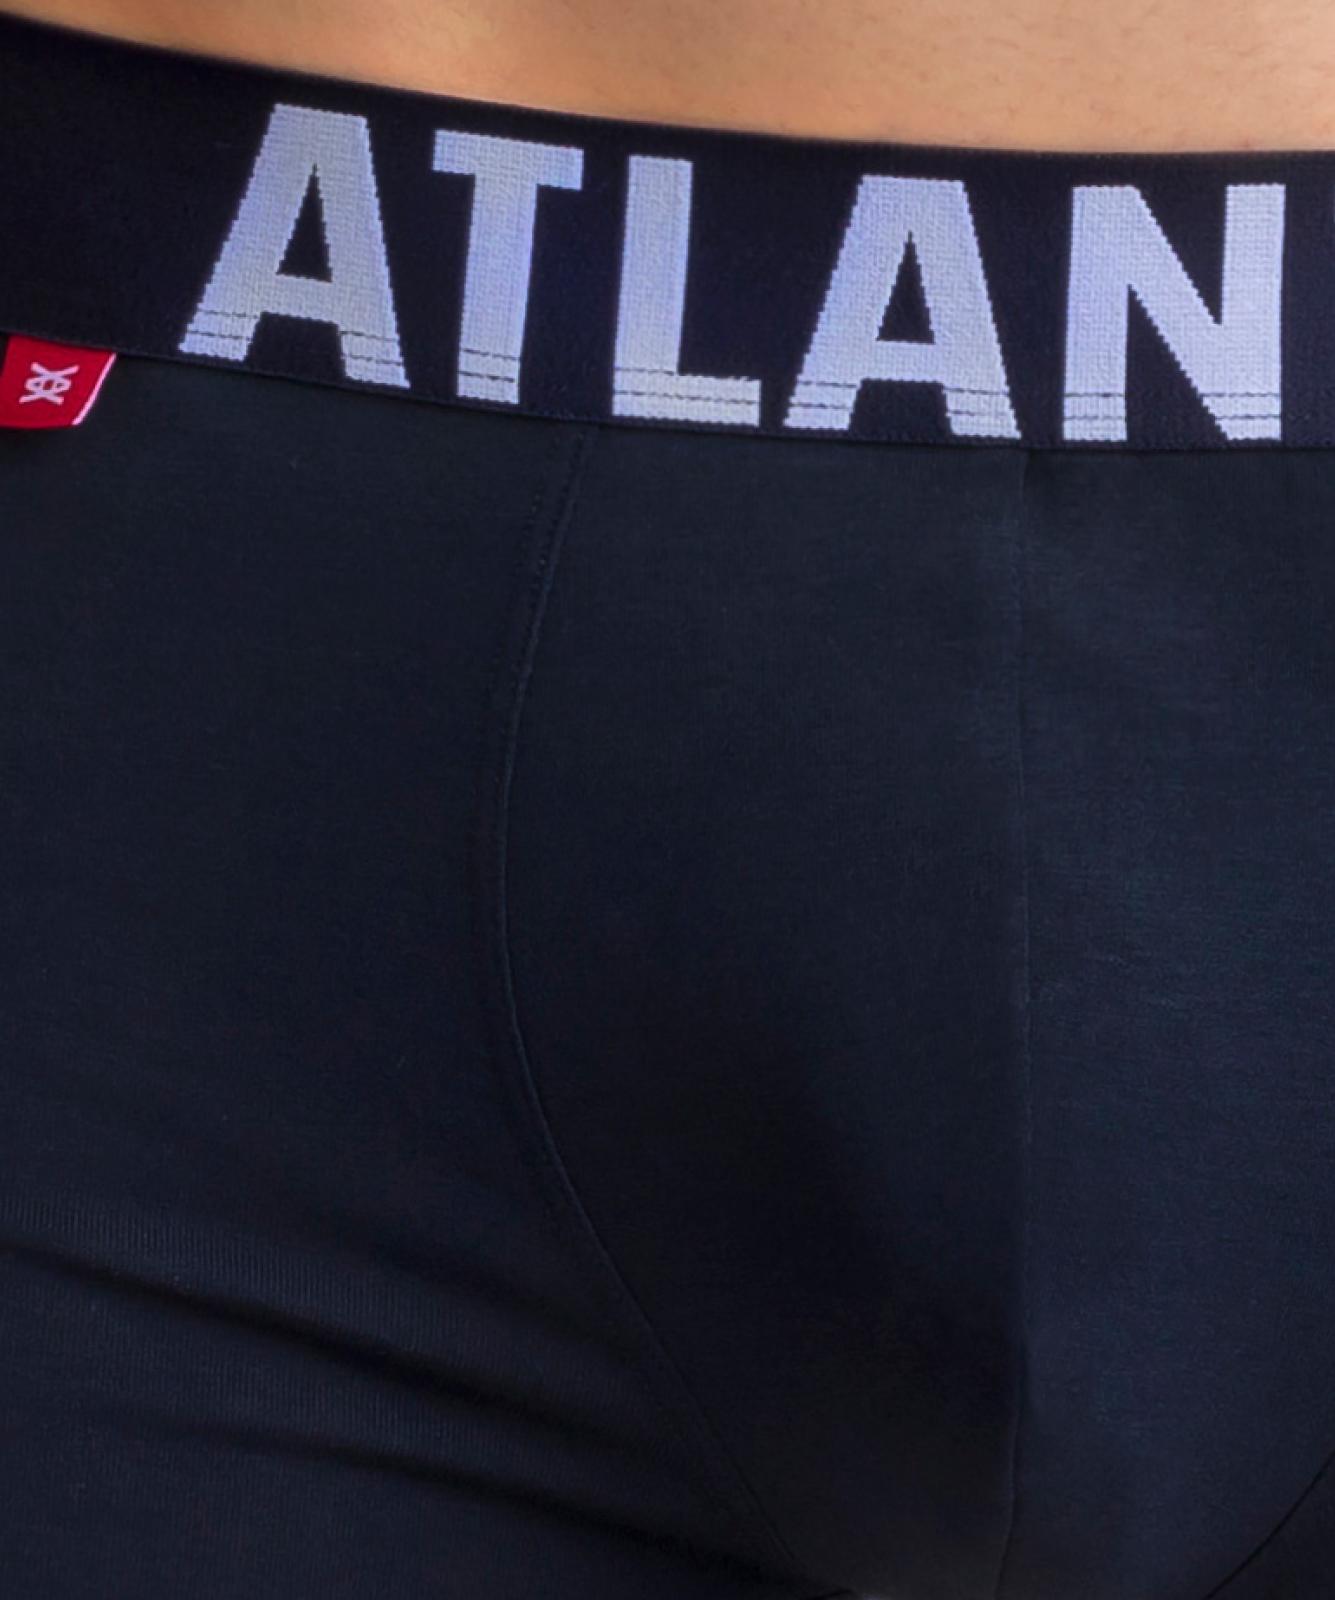 Мужские трусы шорты Atlantic, набор из 3 шт., хлопок, темно-синие, 3SMH-003